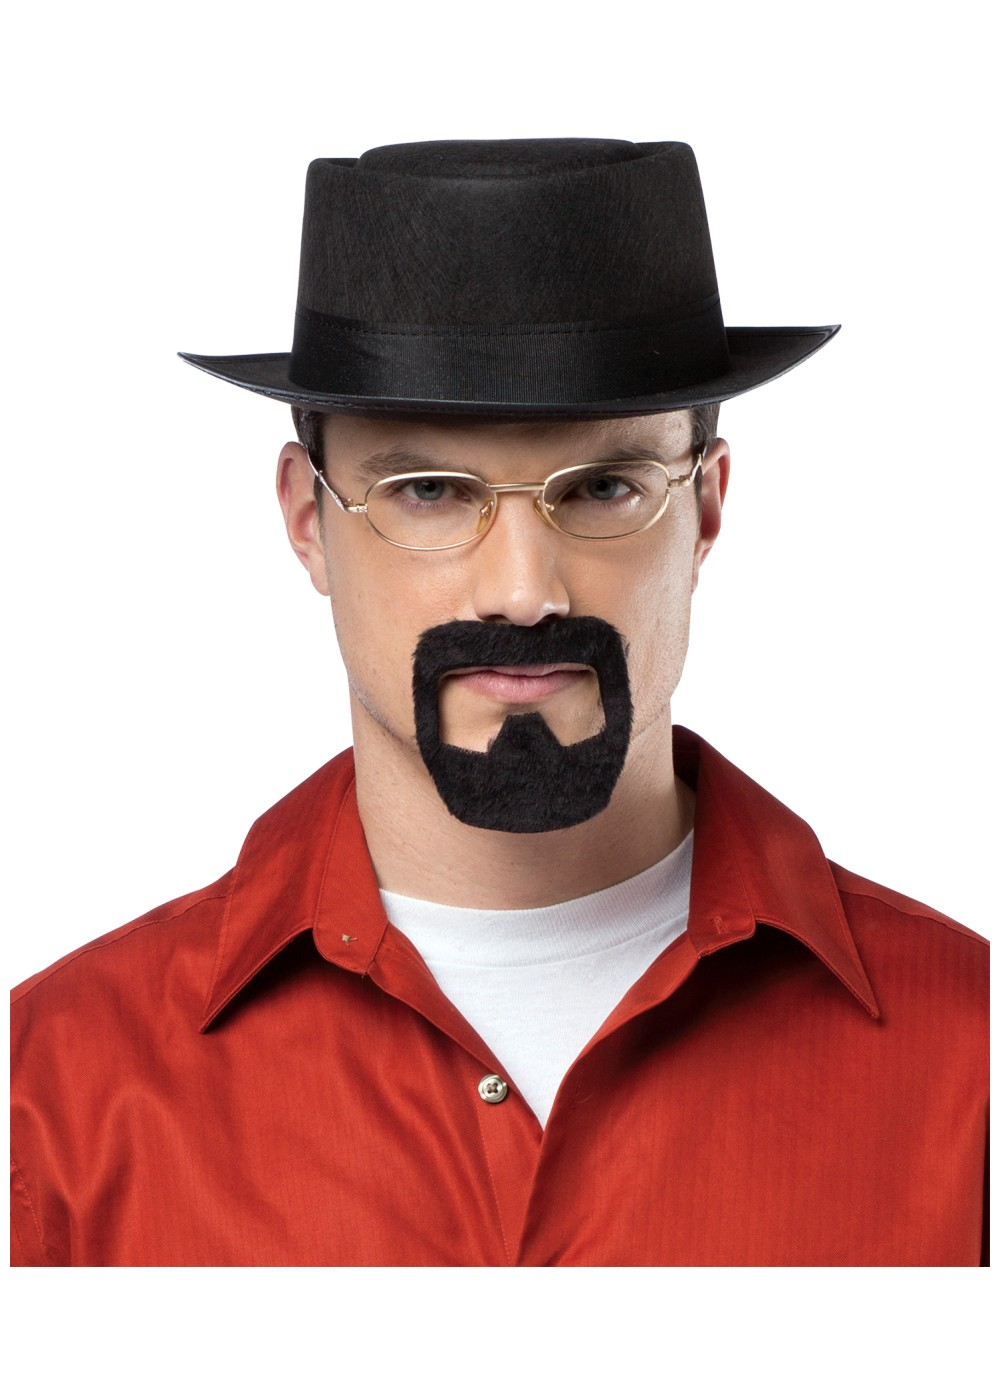 Heisenberg Breaking Bad Accessory Kit - Cosplay Costumes